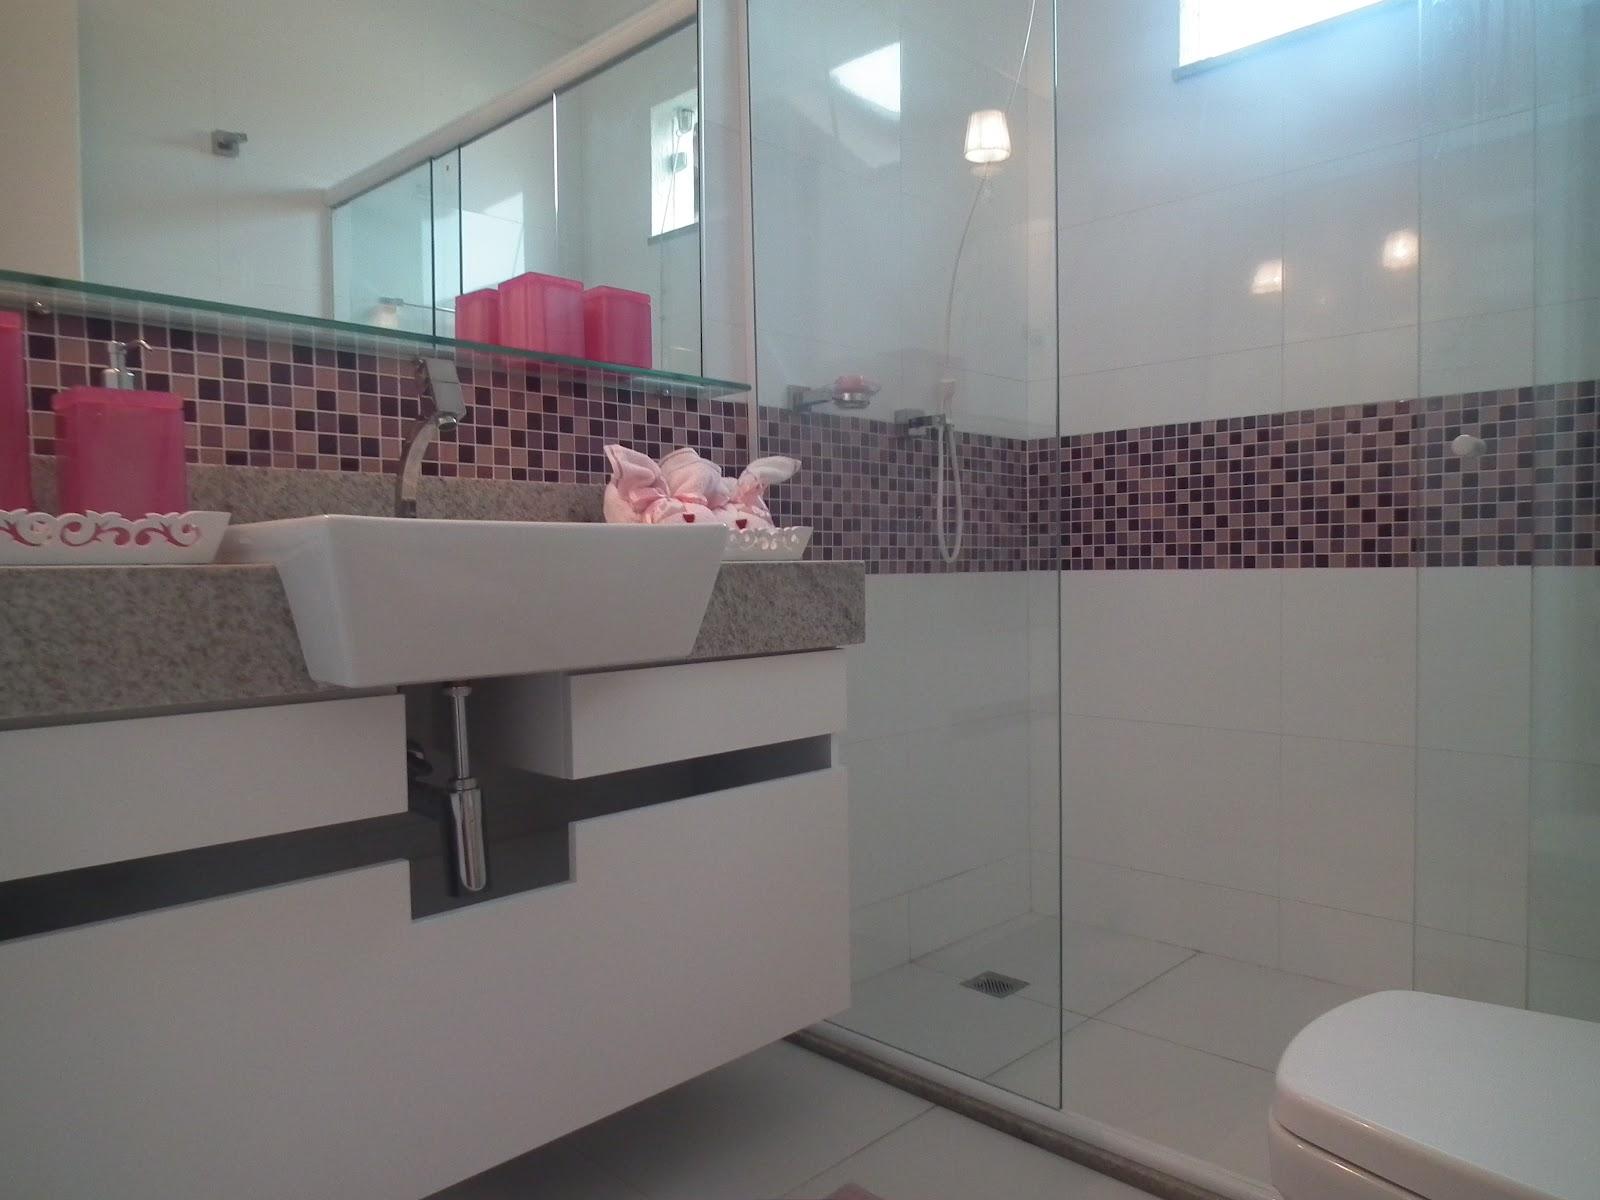 #467385  tons de roxo mesclado com o rosa e o tom de rosa deveria ser forte 1600x1200 px Banheiros Decorados Com Pastilhas De Vidro Lilas 1165